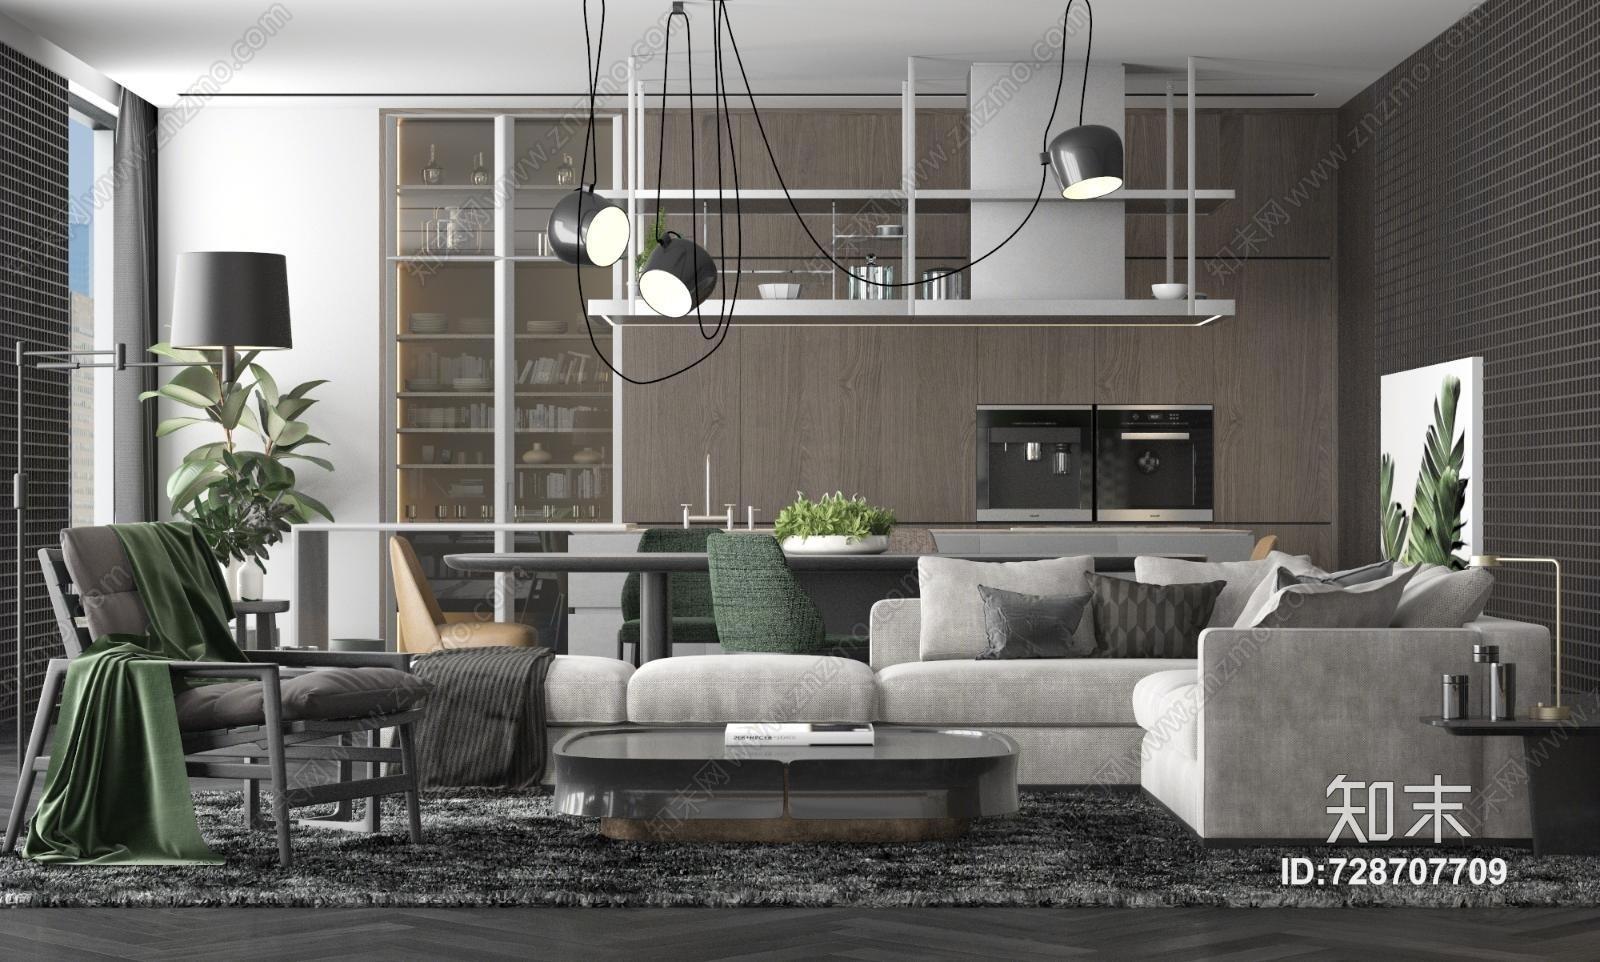 现代家居客厅空间 沙发茶几 吊灯